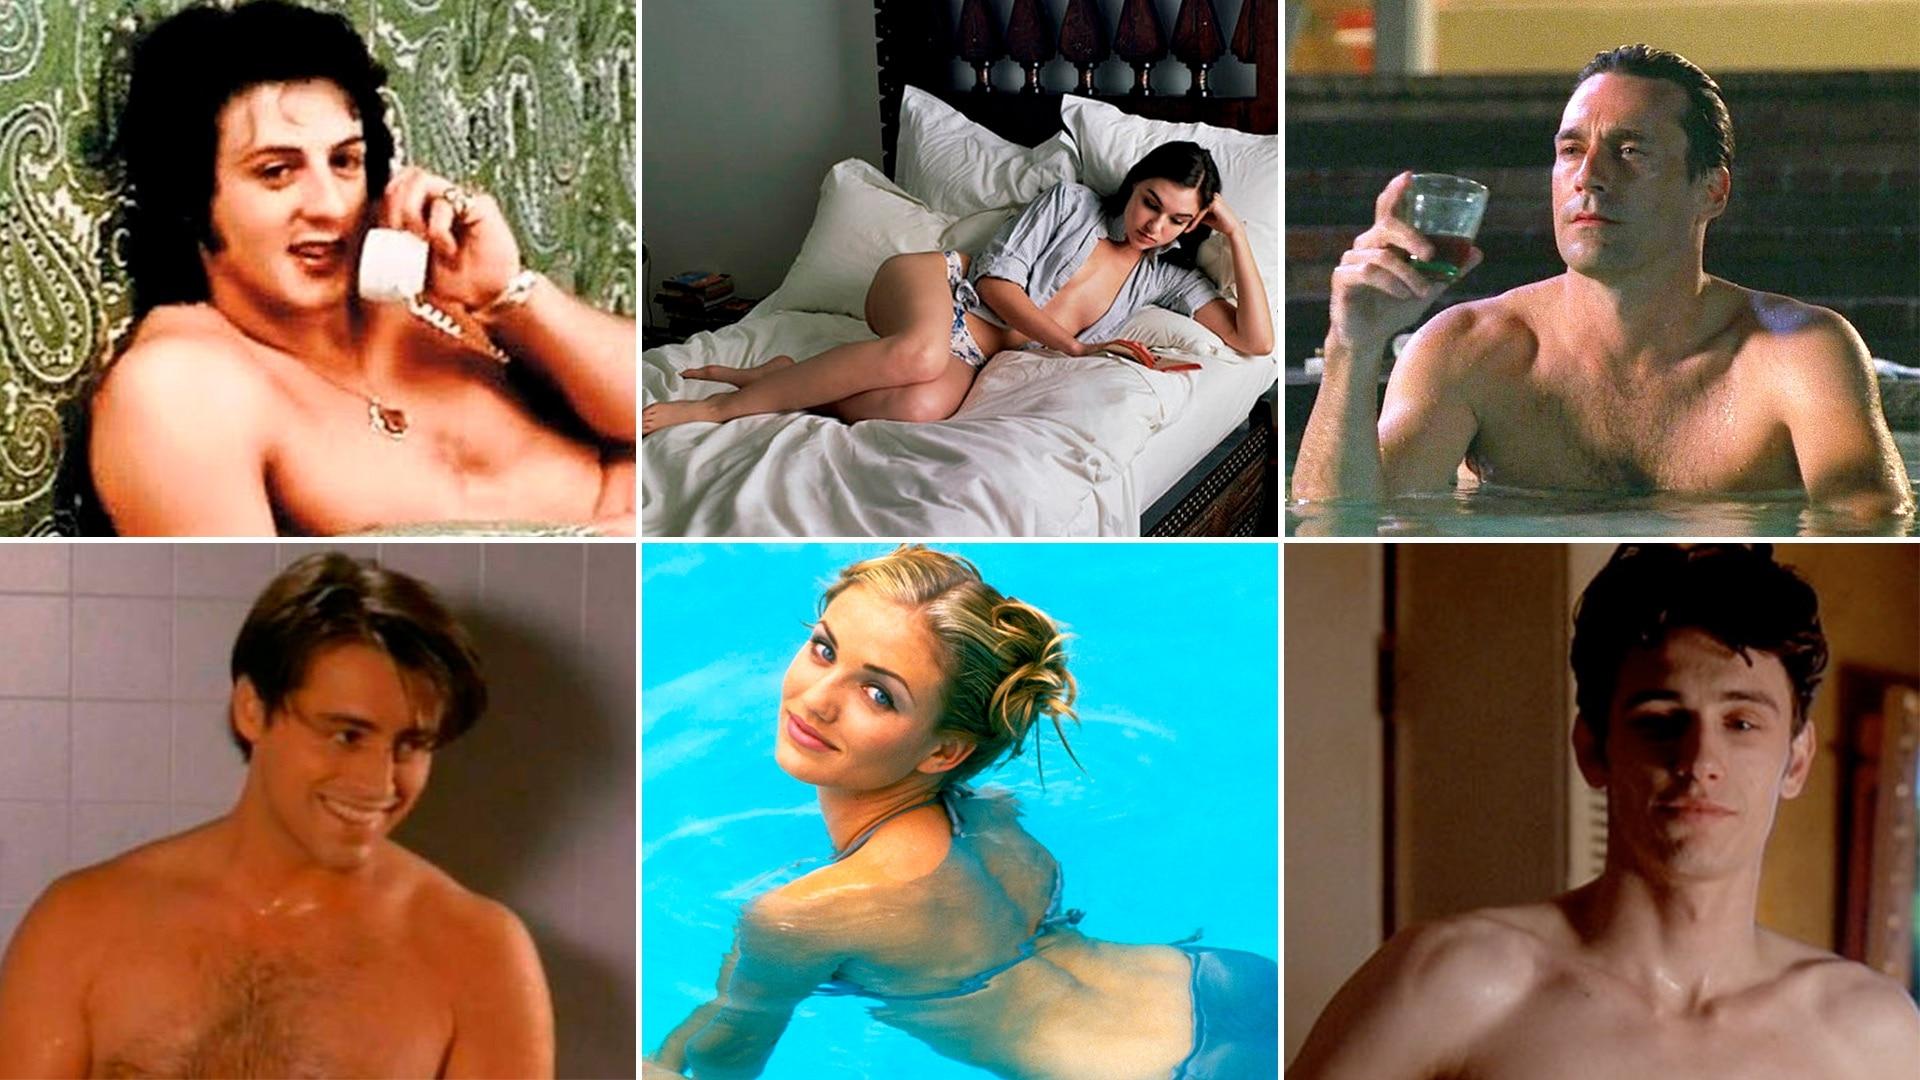 Peliculas Eroticas No Porno Para Ver En Pareja del porno al estrellato en hollywood: los actores y actrices